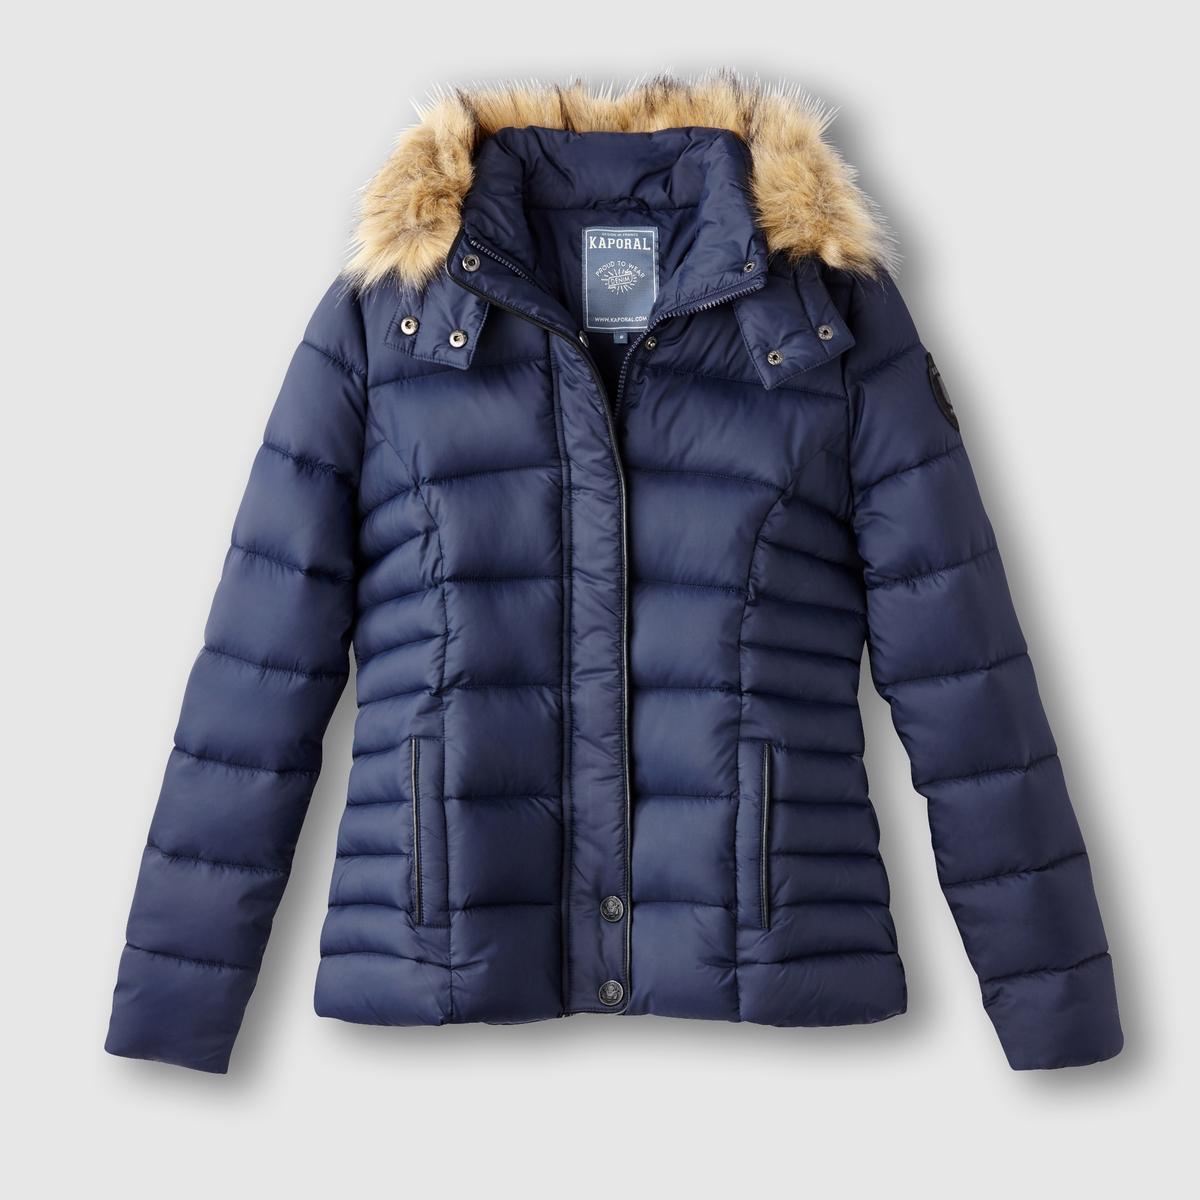 Куртка стёганая с капюшоном MINKOСтёганая куртка с капюшоном MINKO от KAPORAL. Застежка на молнию и пуговицу. 2 кармана с застежкой на молнию. Съёмный капюшон оторочен искусственным мехом.              Состав и описание       Материалы:     100% полиэстераМарка      KAPORAL<br><br>Цвет: темно-синий<br>Размер: L